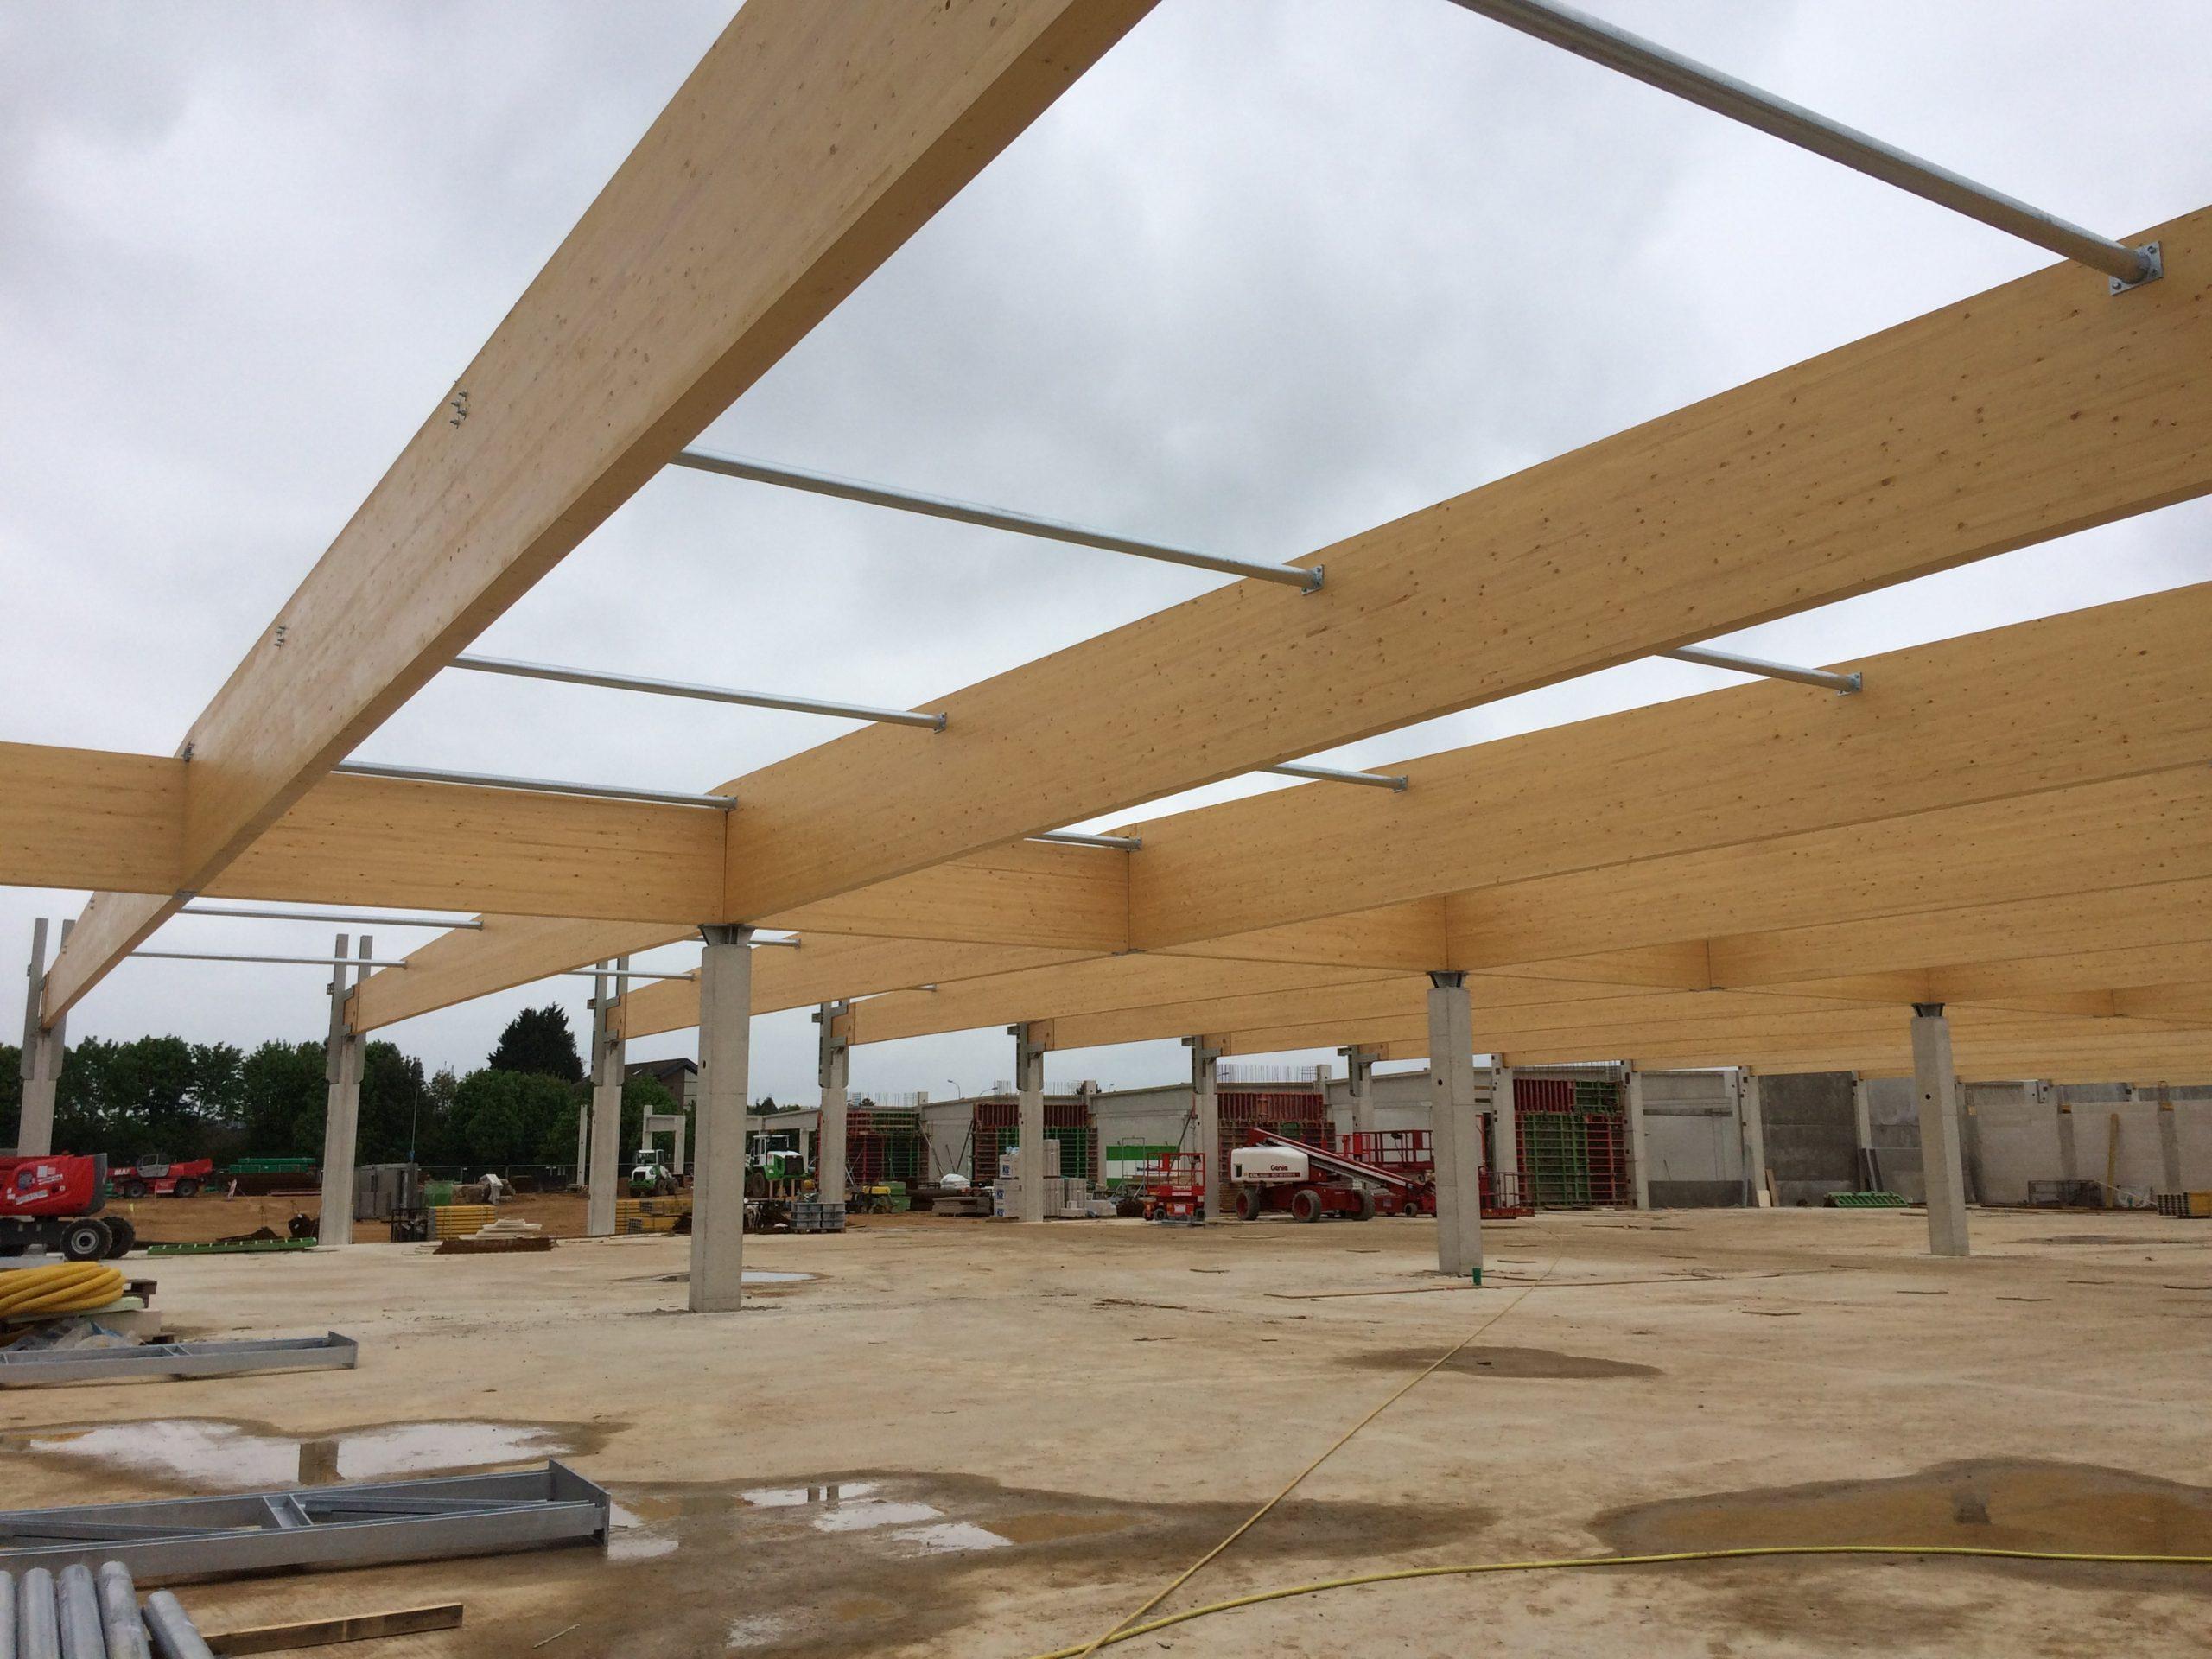 Pultdachbinder Verbrauchermarkt Lebensmittelmarkt BSH- Dachkonstruktion Green Building DGNB